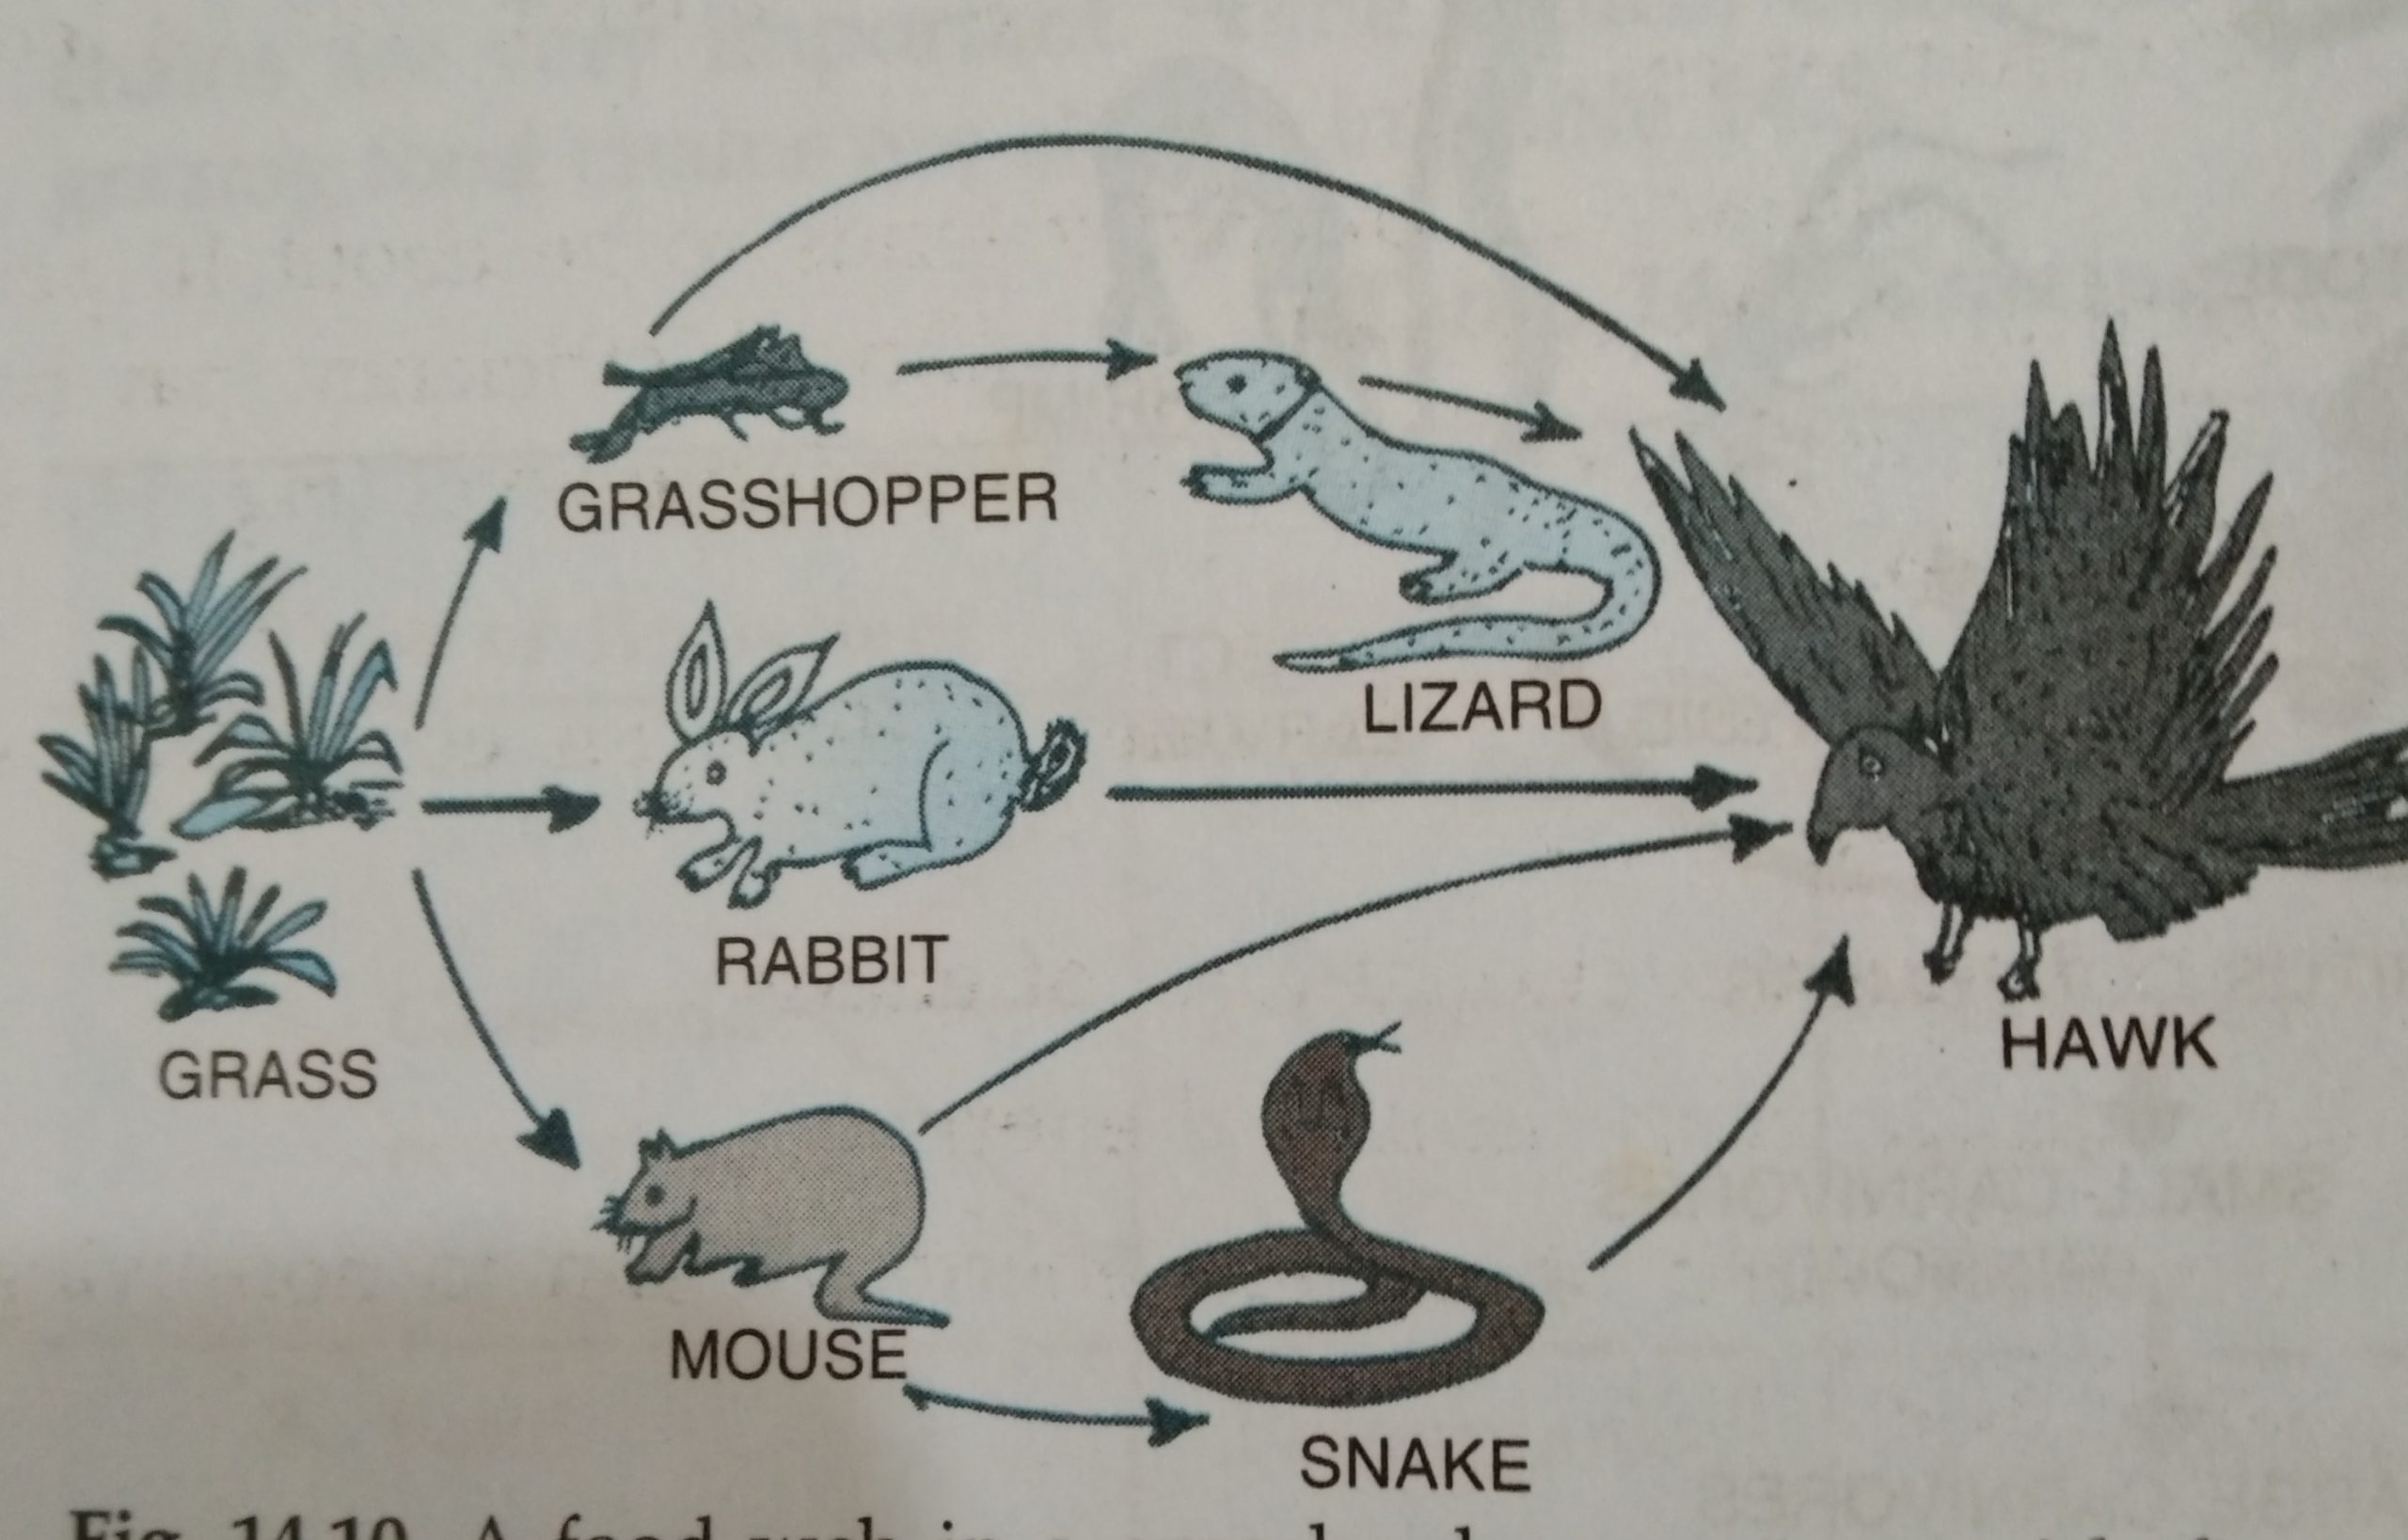 Terrestrial Food Web diagram